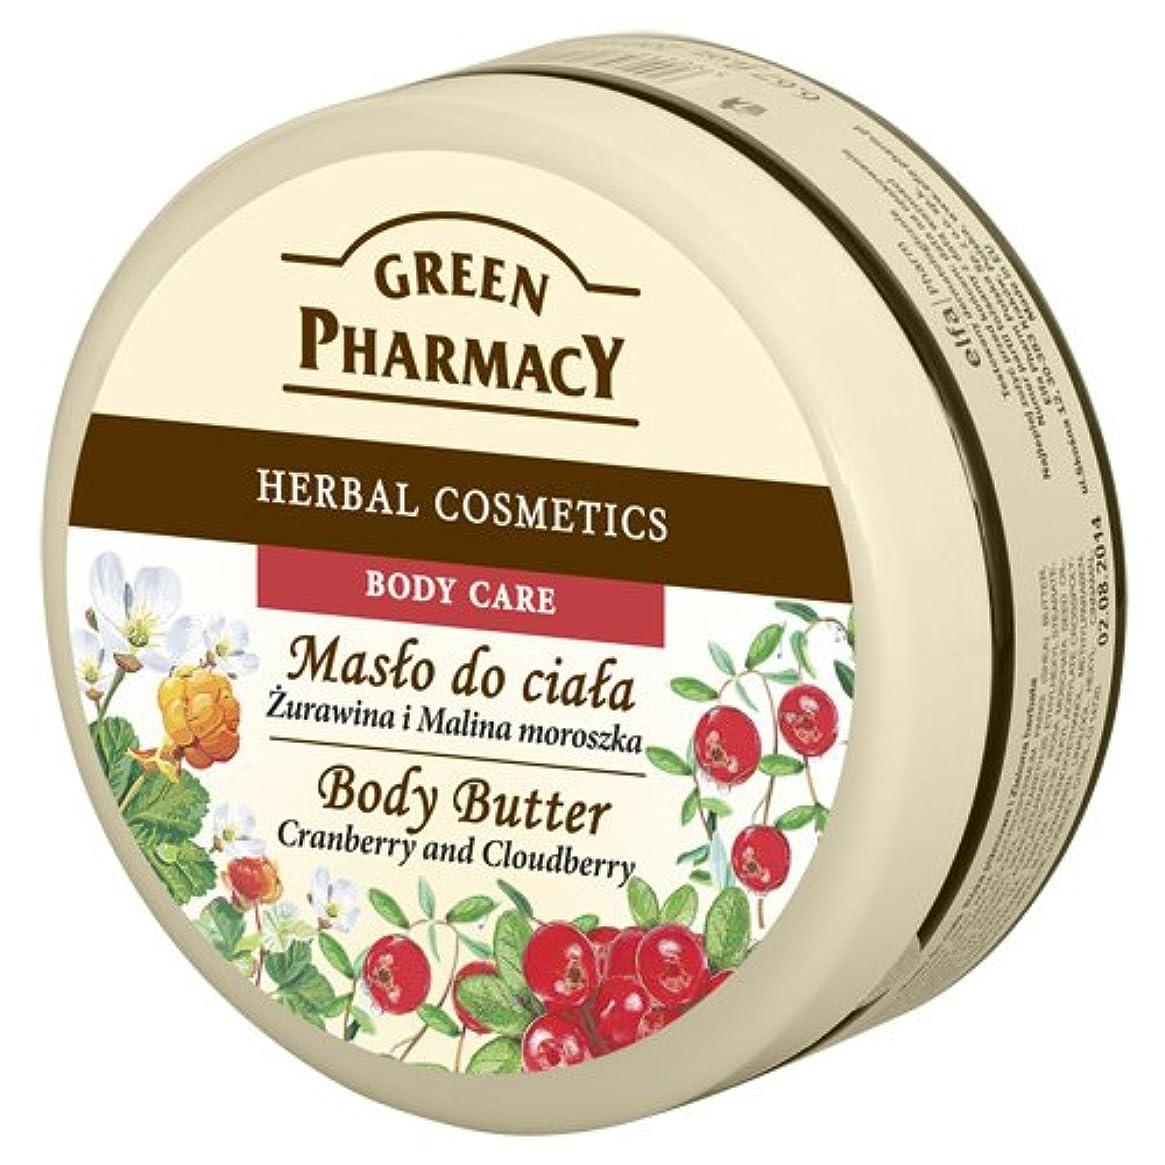 機動帰る合法Elfa Pharm Green Pharmacy グリーンファーマシー Body Butter ボディバター Cranberry and Cloudberry